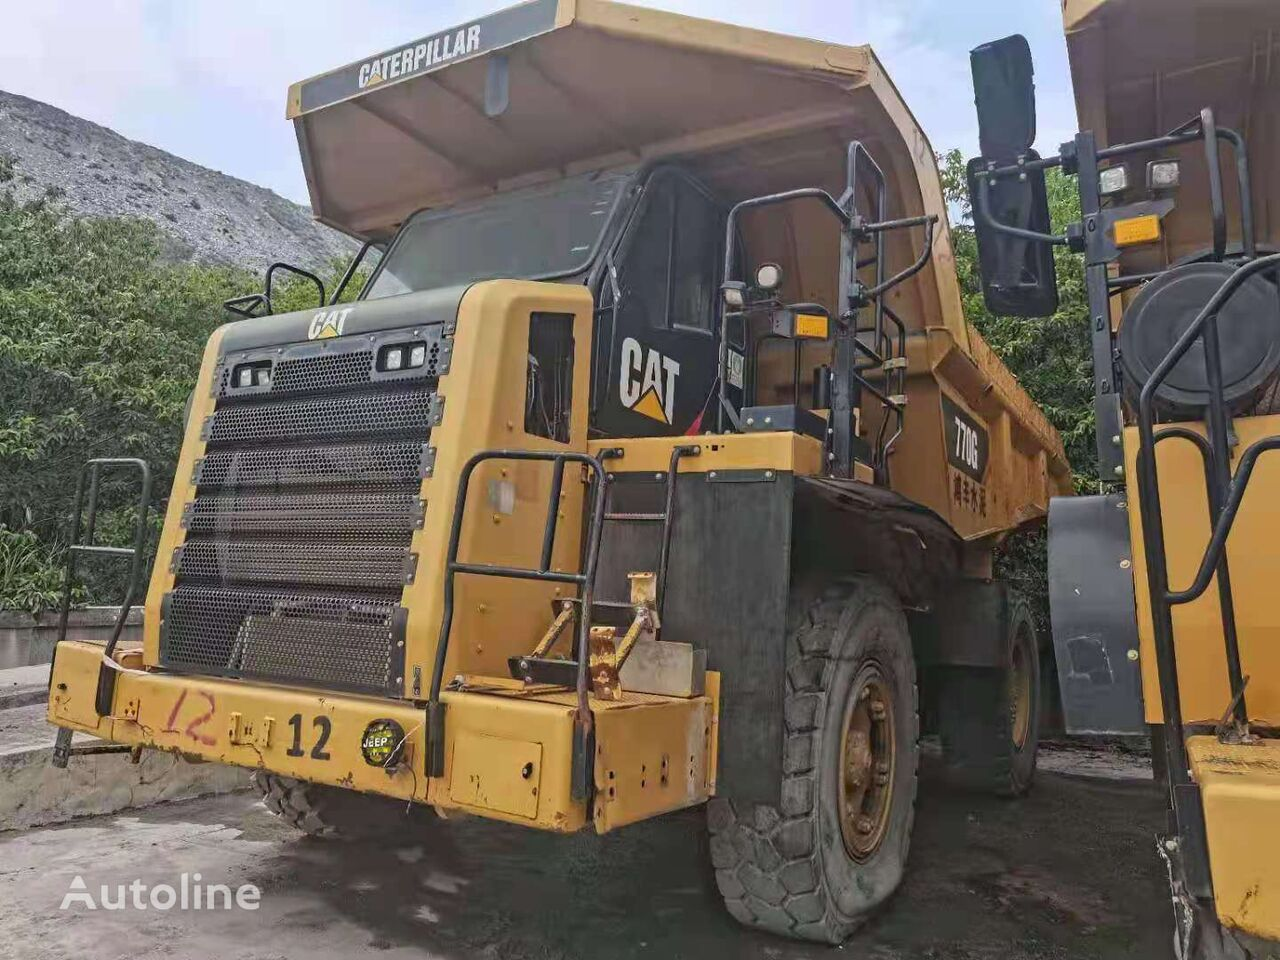 CATERPILLAR 770G dump truck